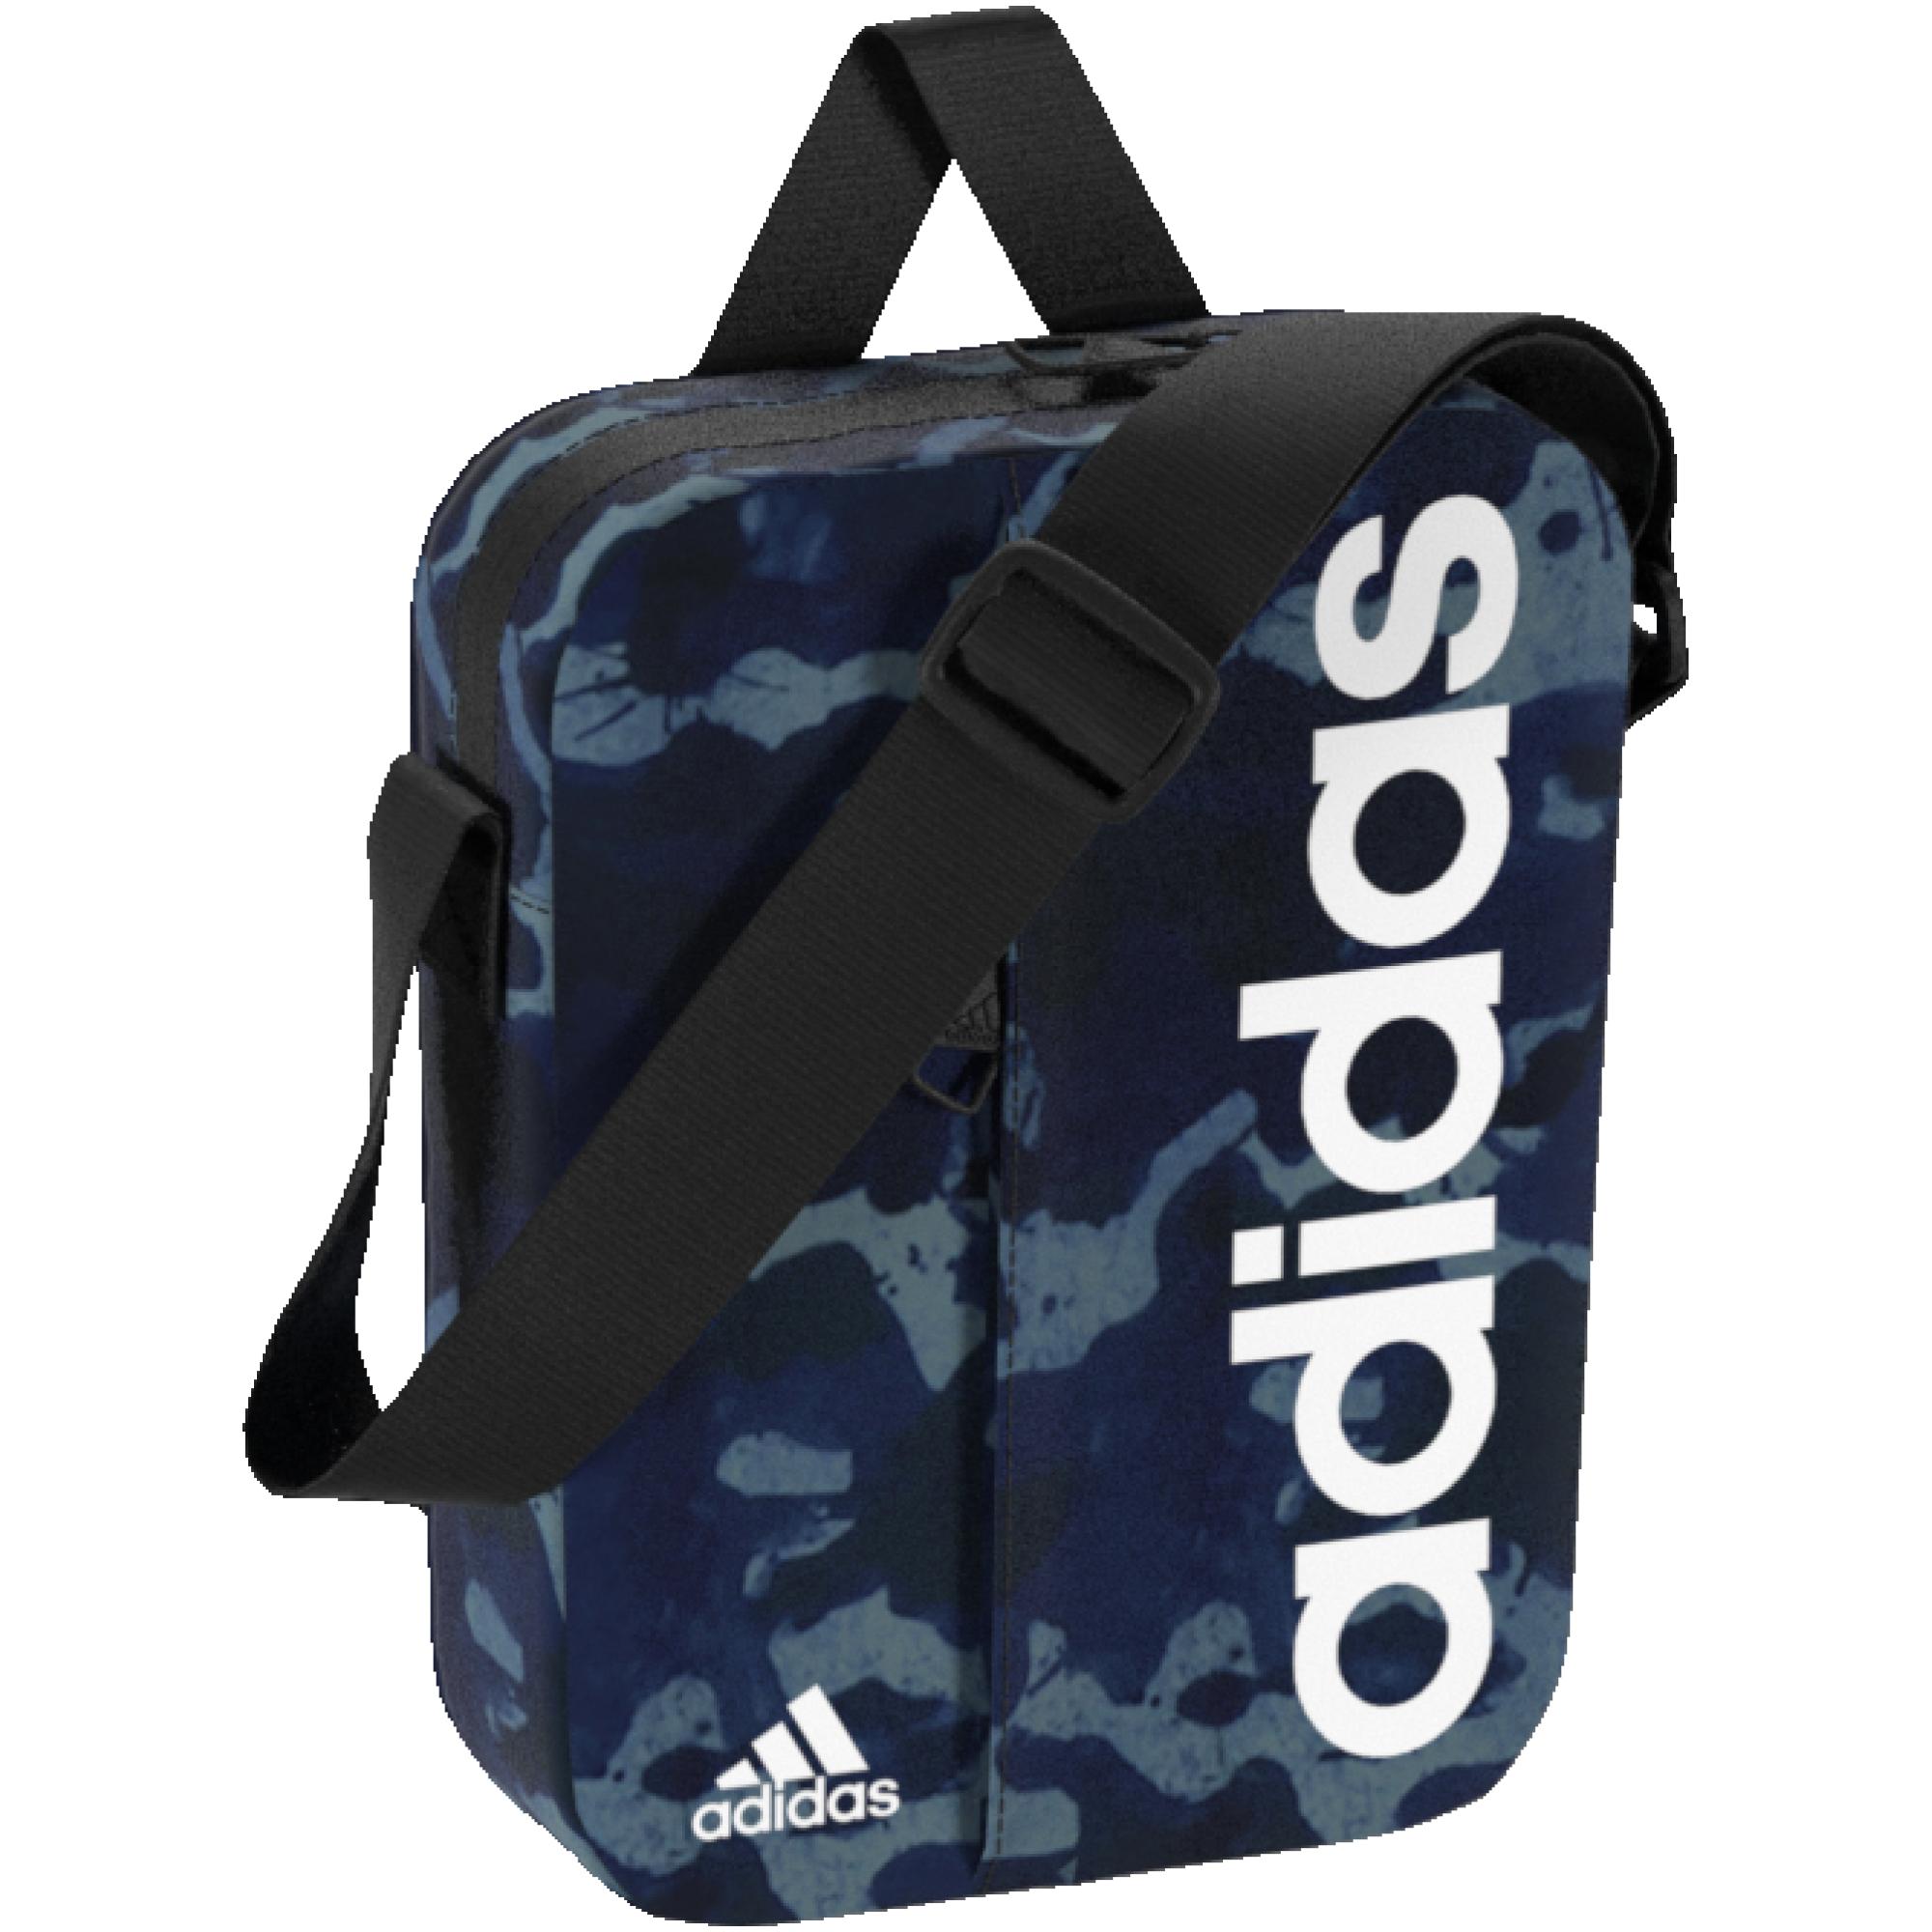 505925afb9 Adidas oldaltáska , Kiegészítő | oldaltáska , adidas_performance ...